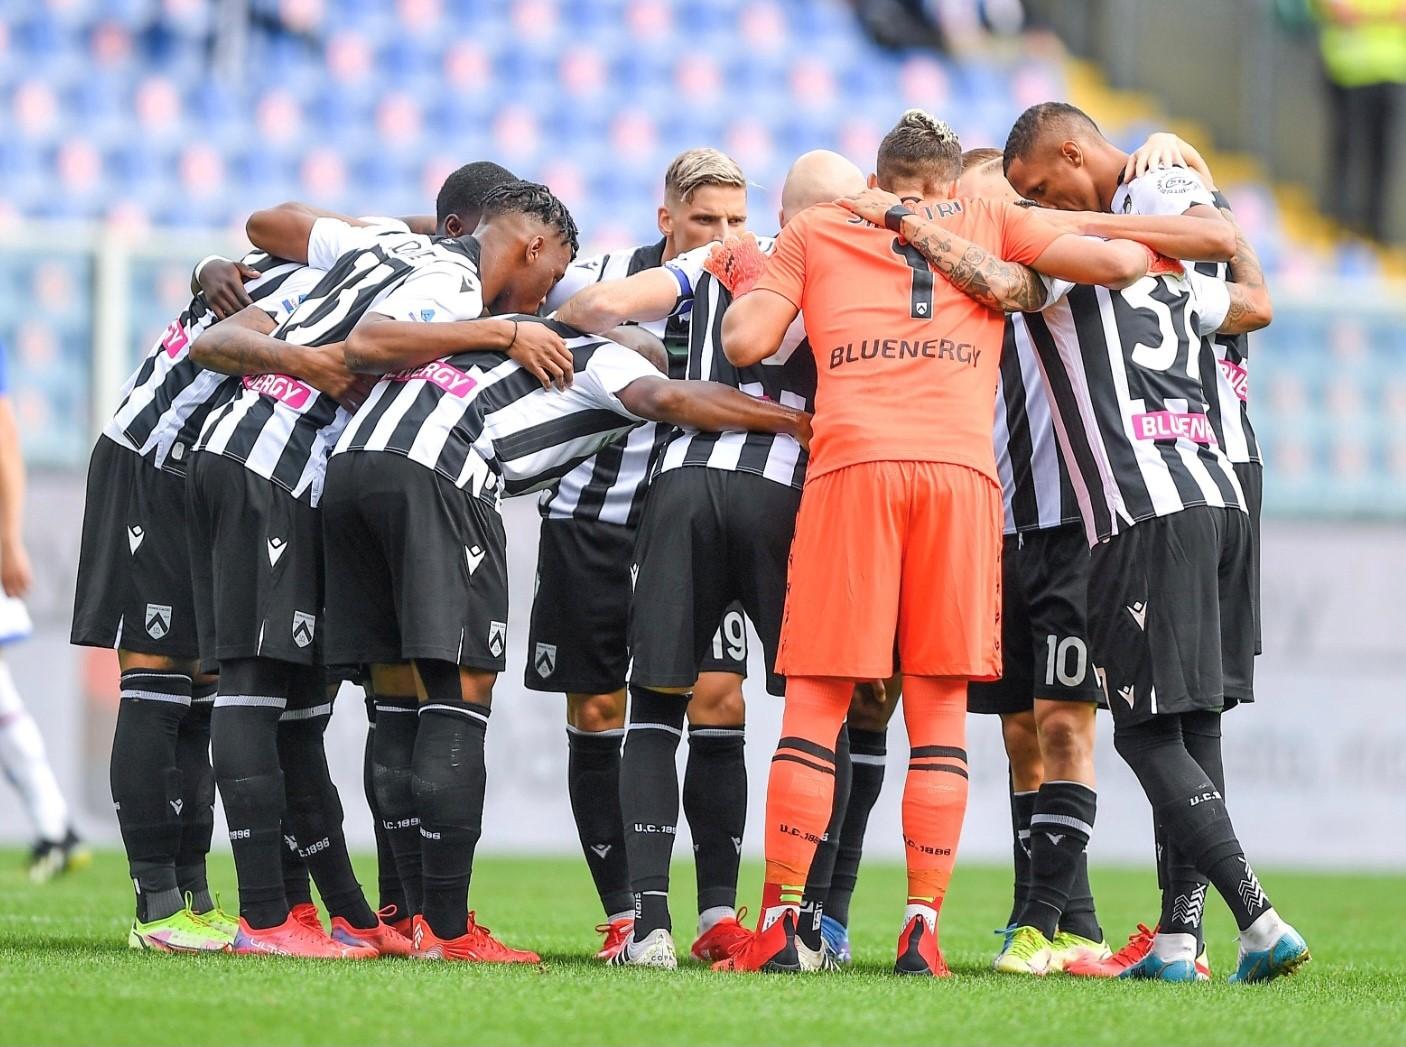 L'altro spogliatoio: la nuova Udinese di Luca Gotti